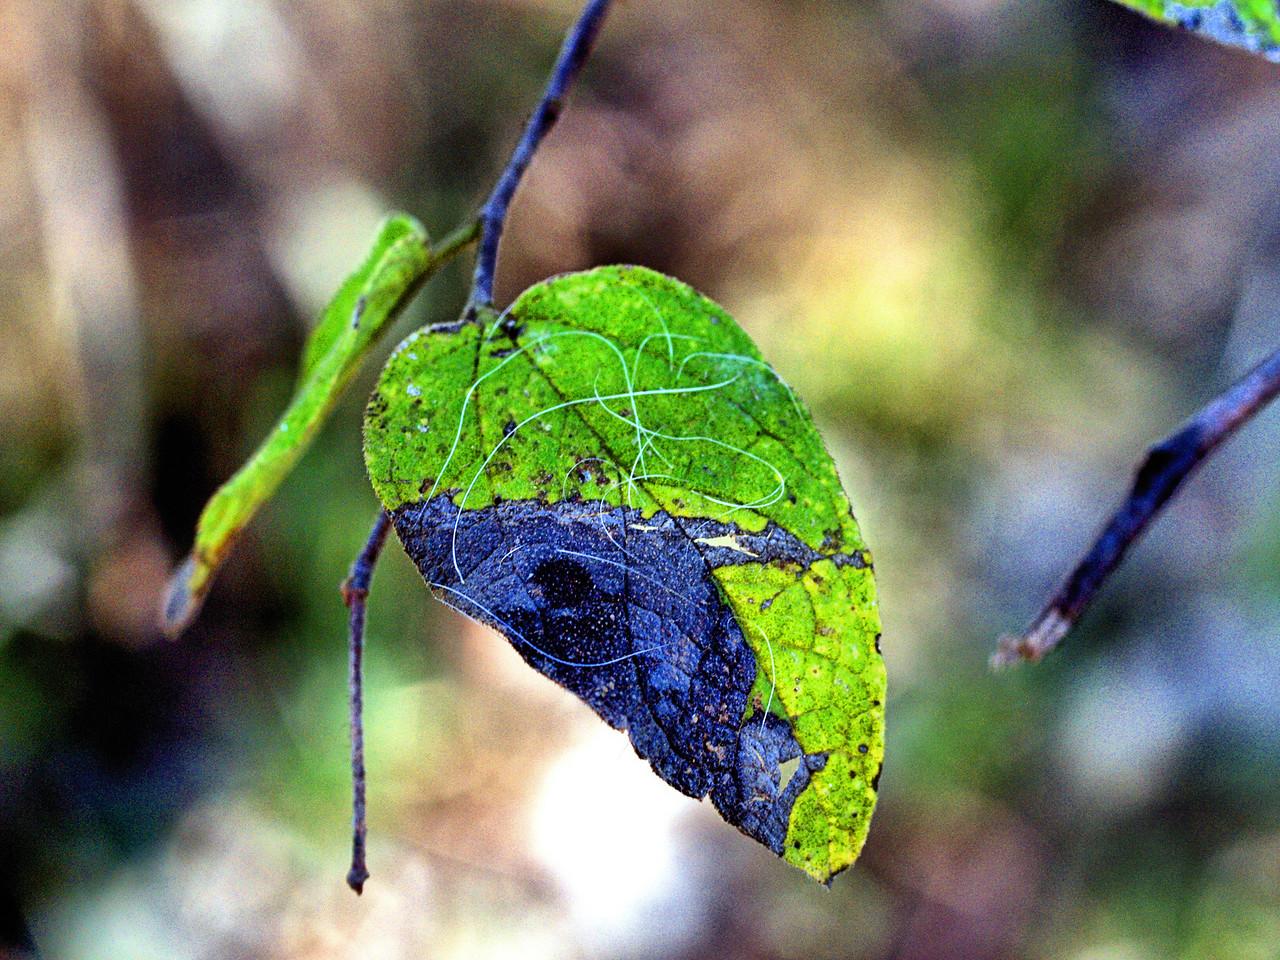 OLYMPUS DIGITAL CAMERA--Leaf that has almost fallen.